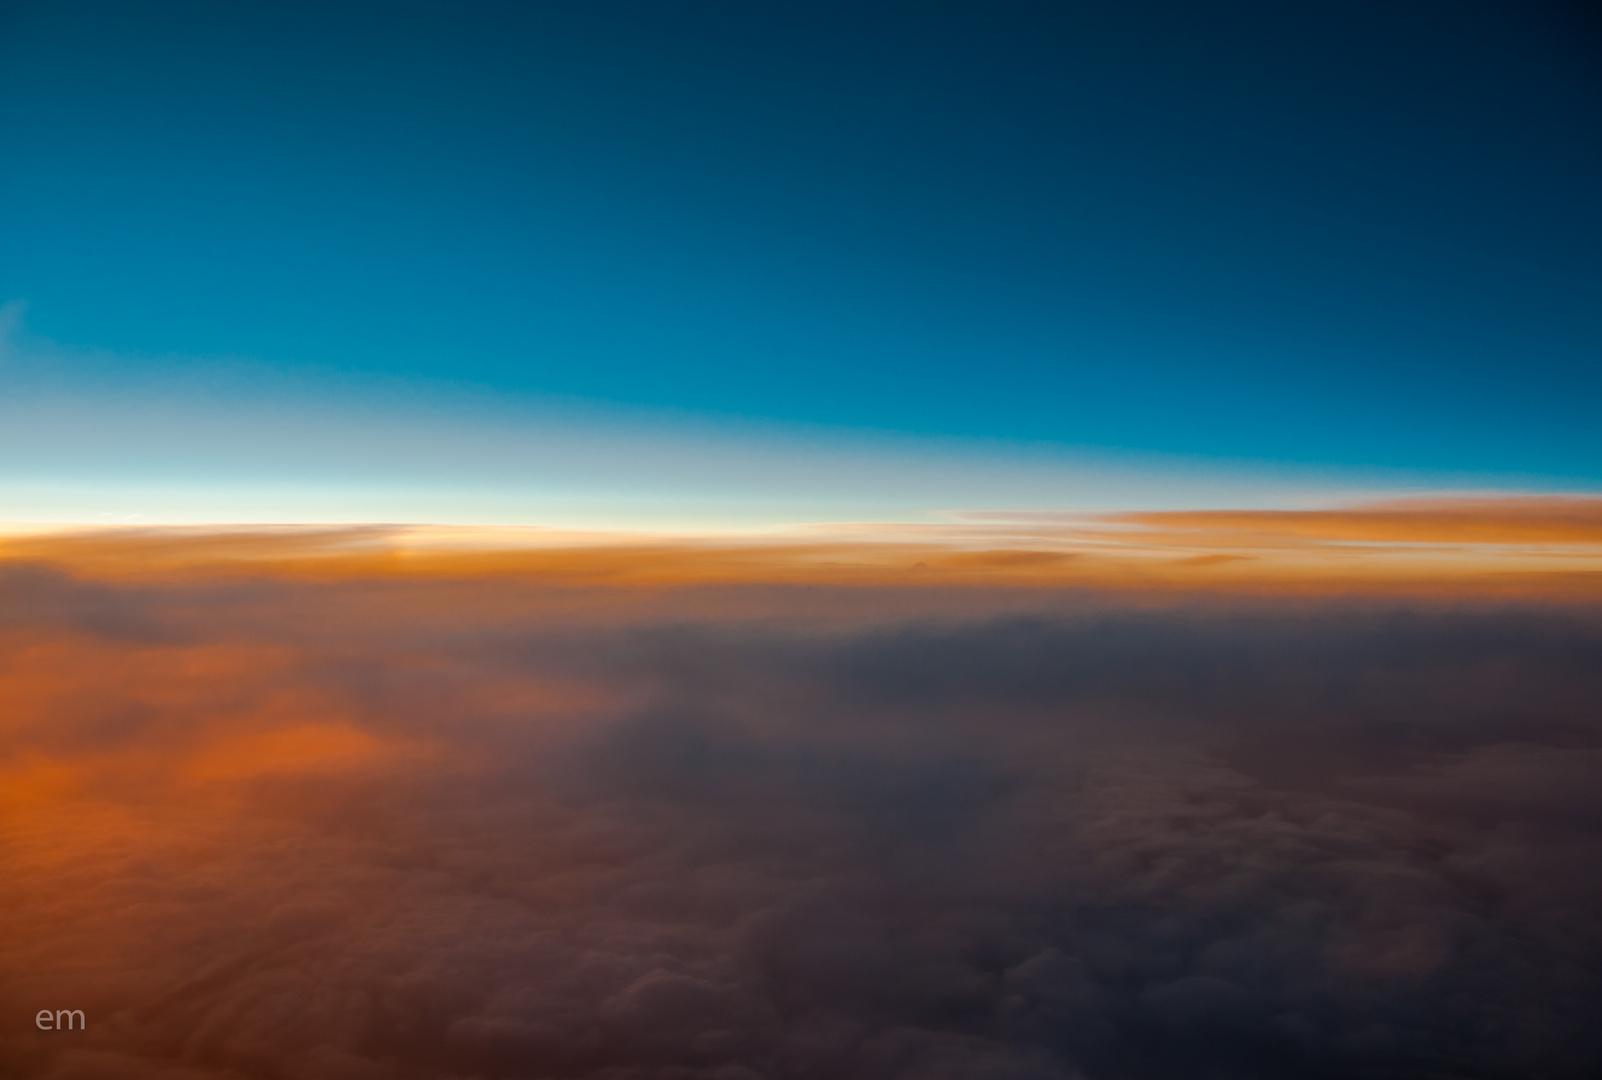 -- Condor Flug Nr.: DE 5249 ---